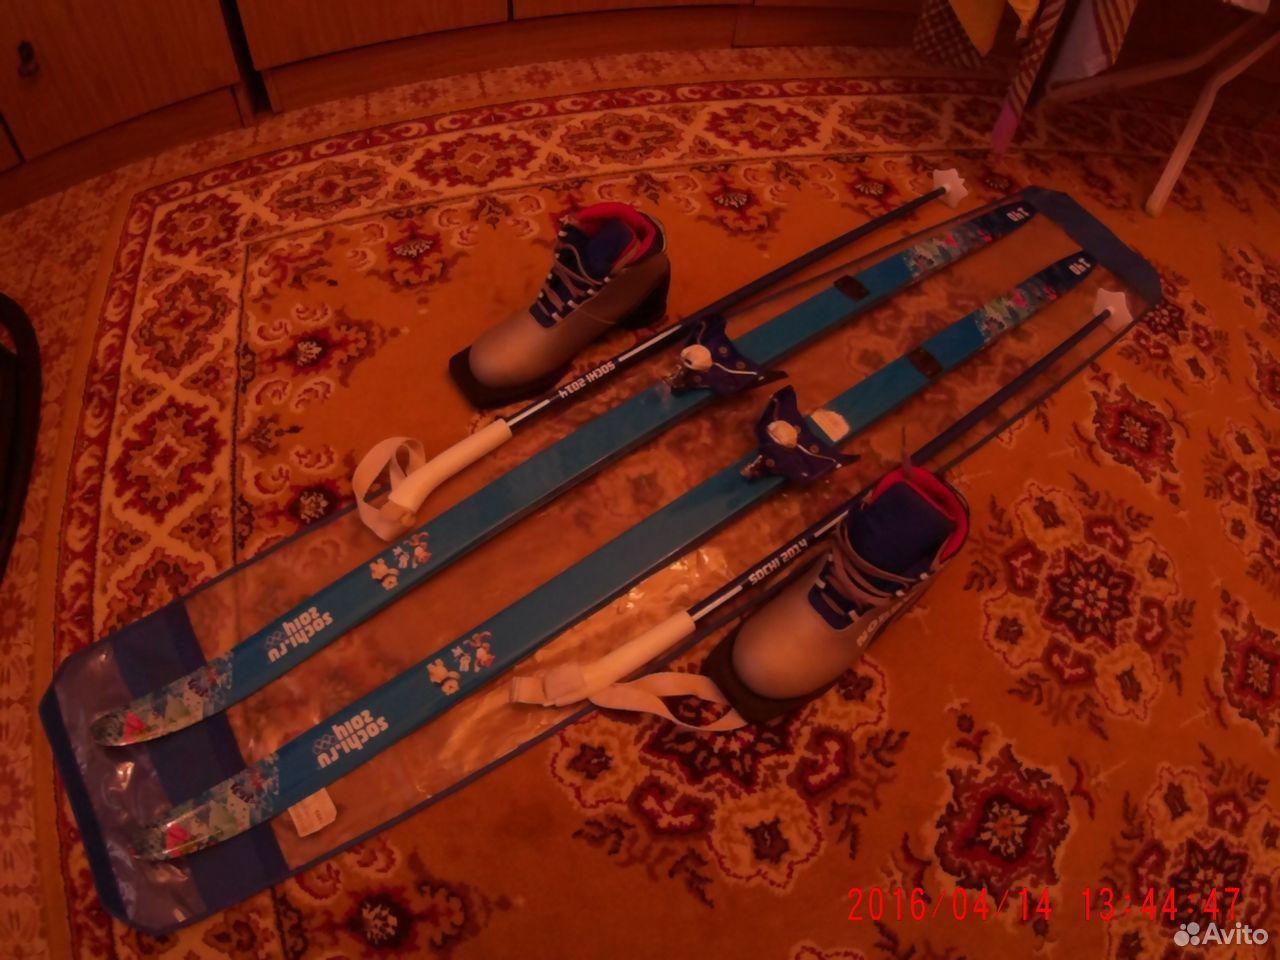 Barnens skidor med stövlar